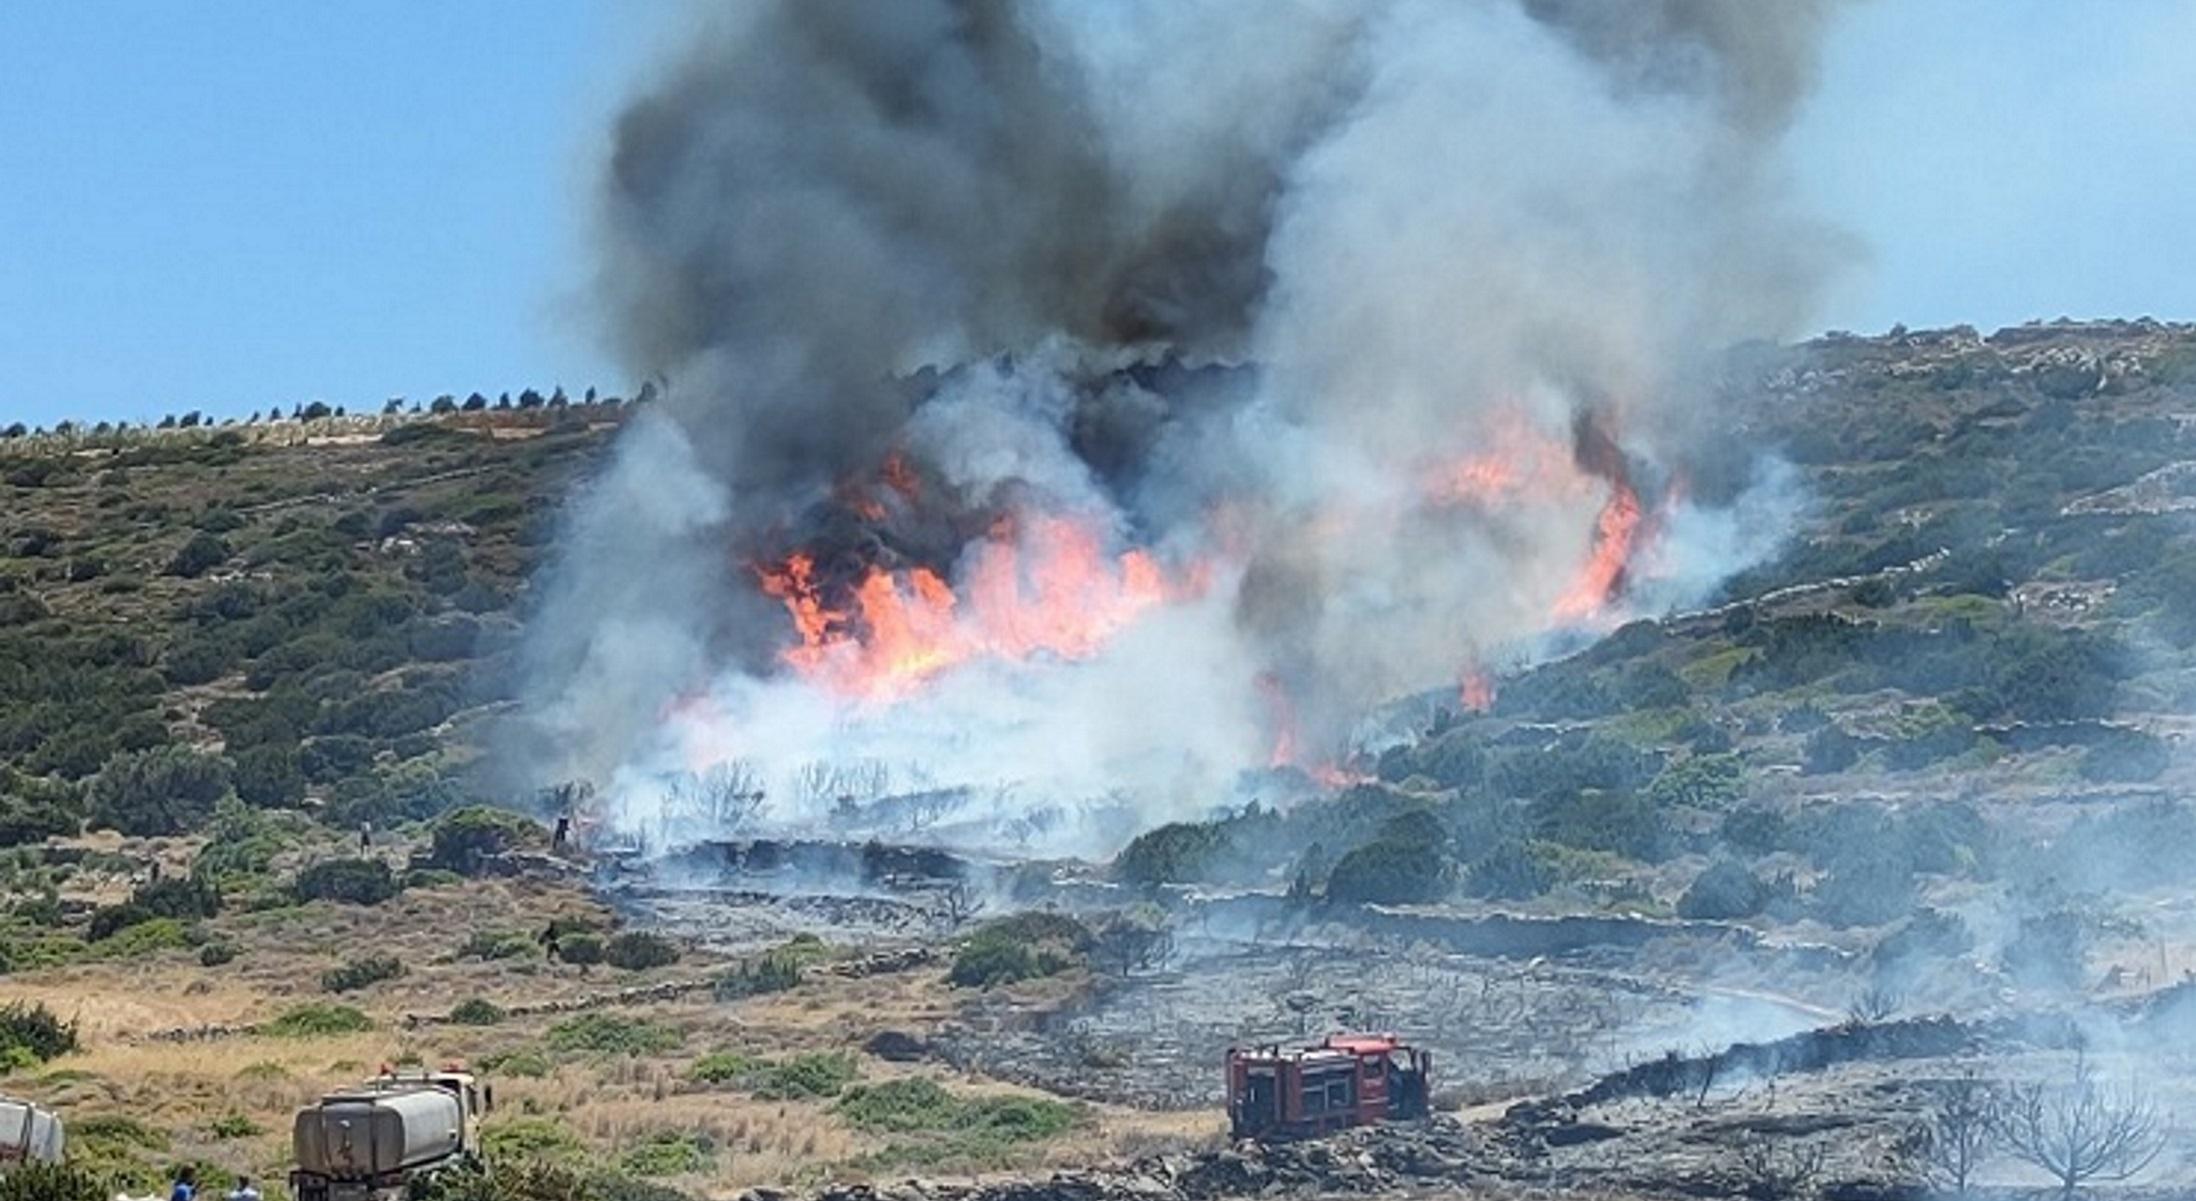 Φωτιά στην Πάρο: Πλάνα από τη μάχη με τον νέο πύρινο εφιάλτη